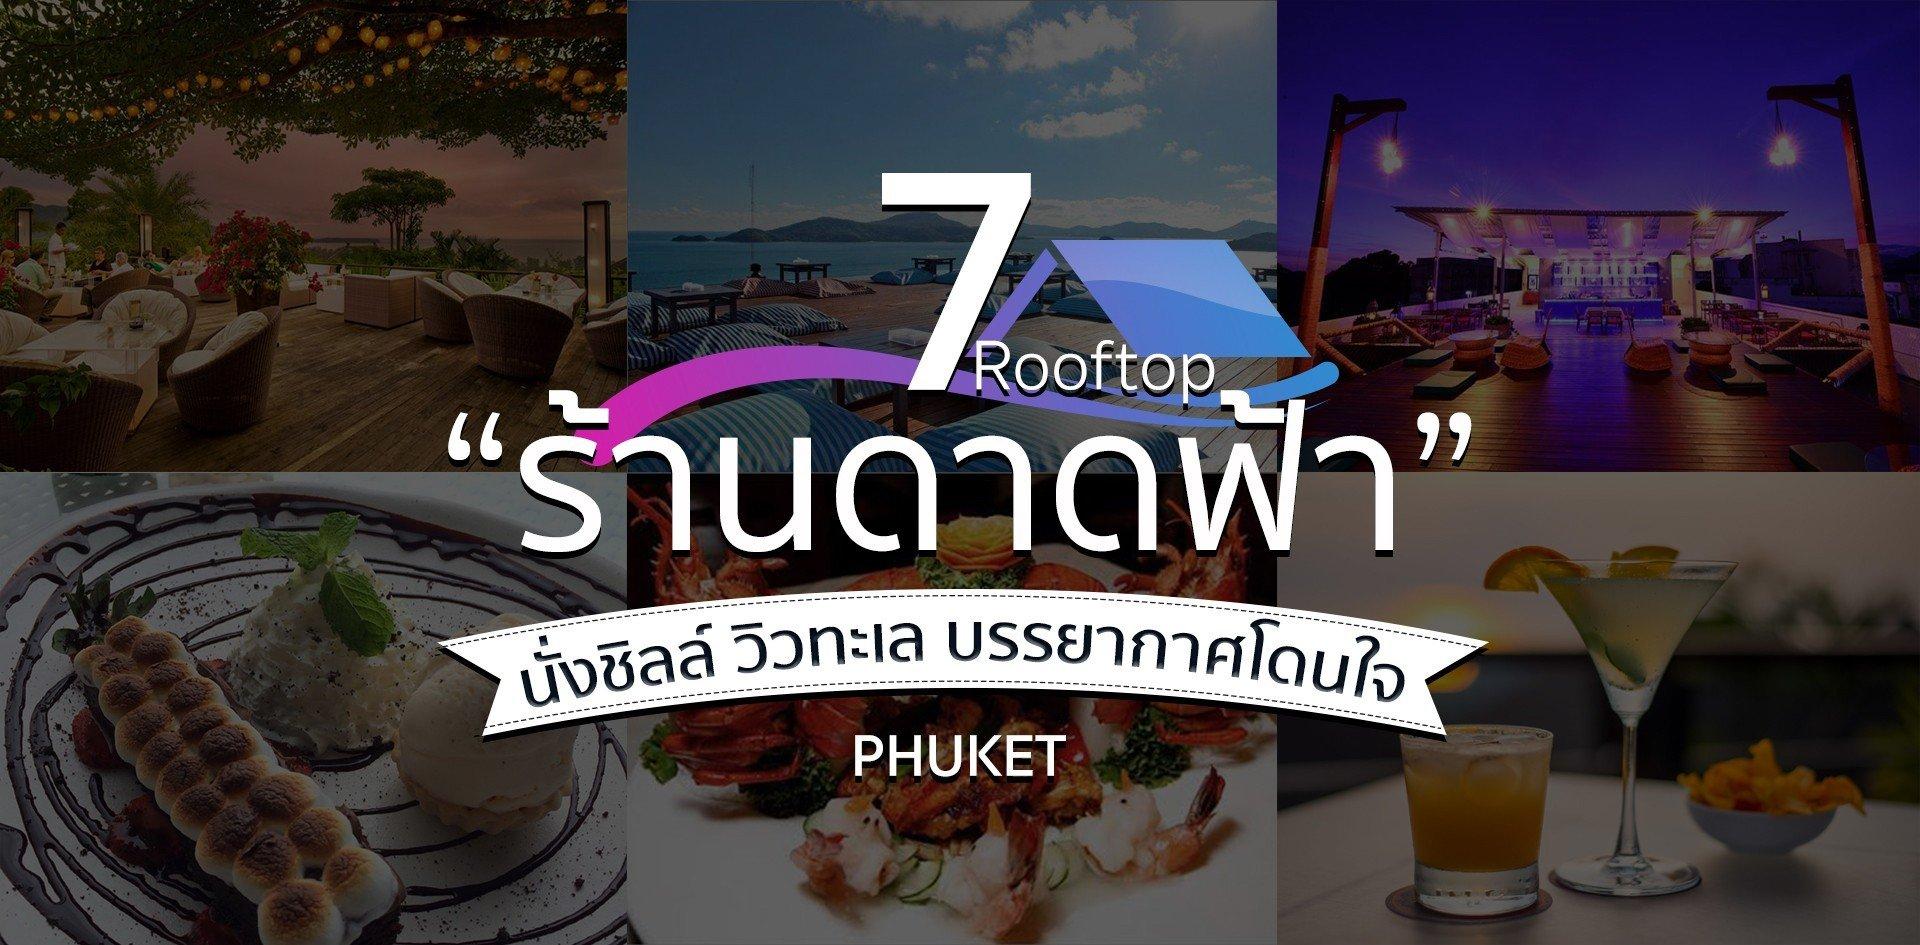 7 ร้านอาหาร Roof Top นั่งชิลล์ วิวสวย บรรยากาศโดนใจ